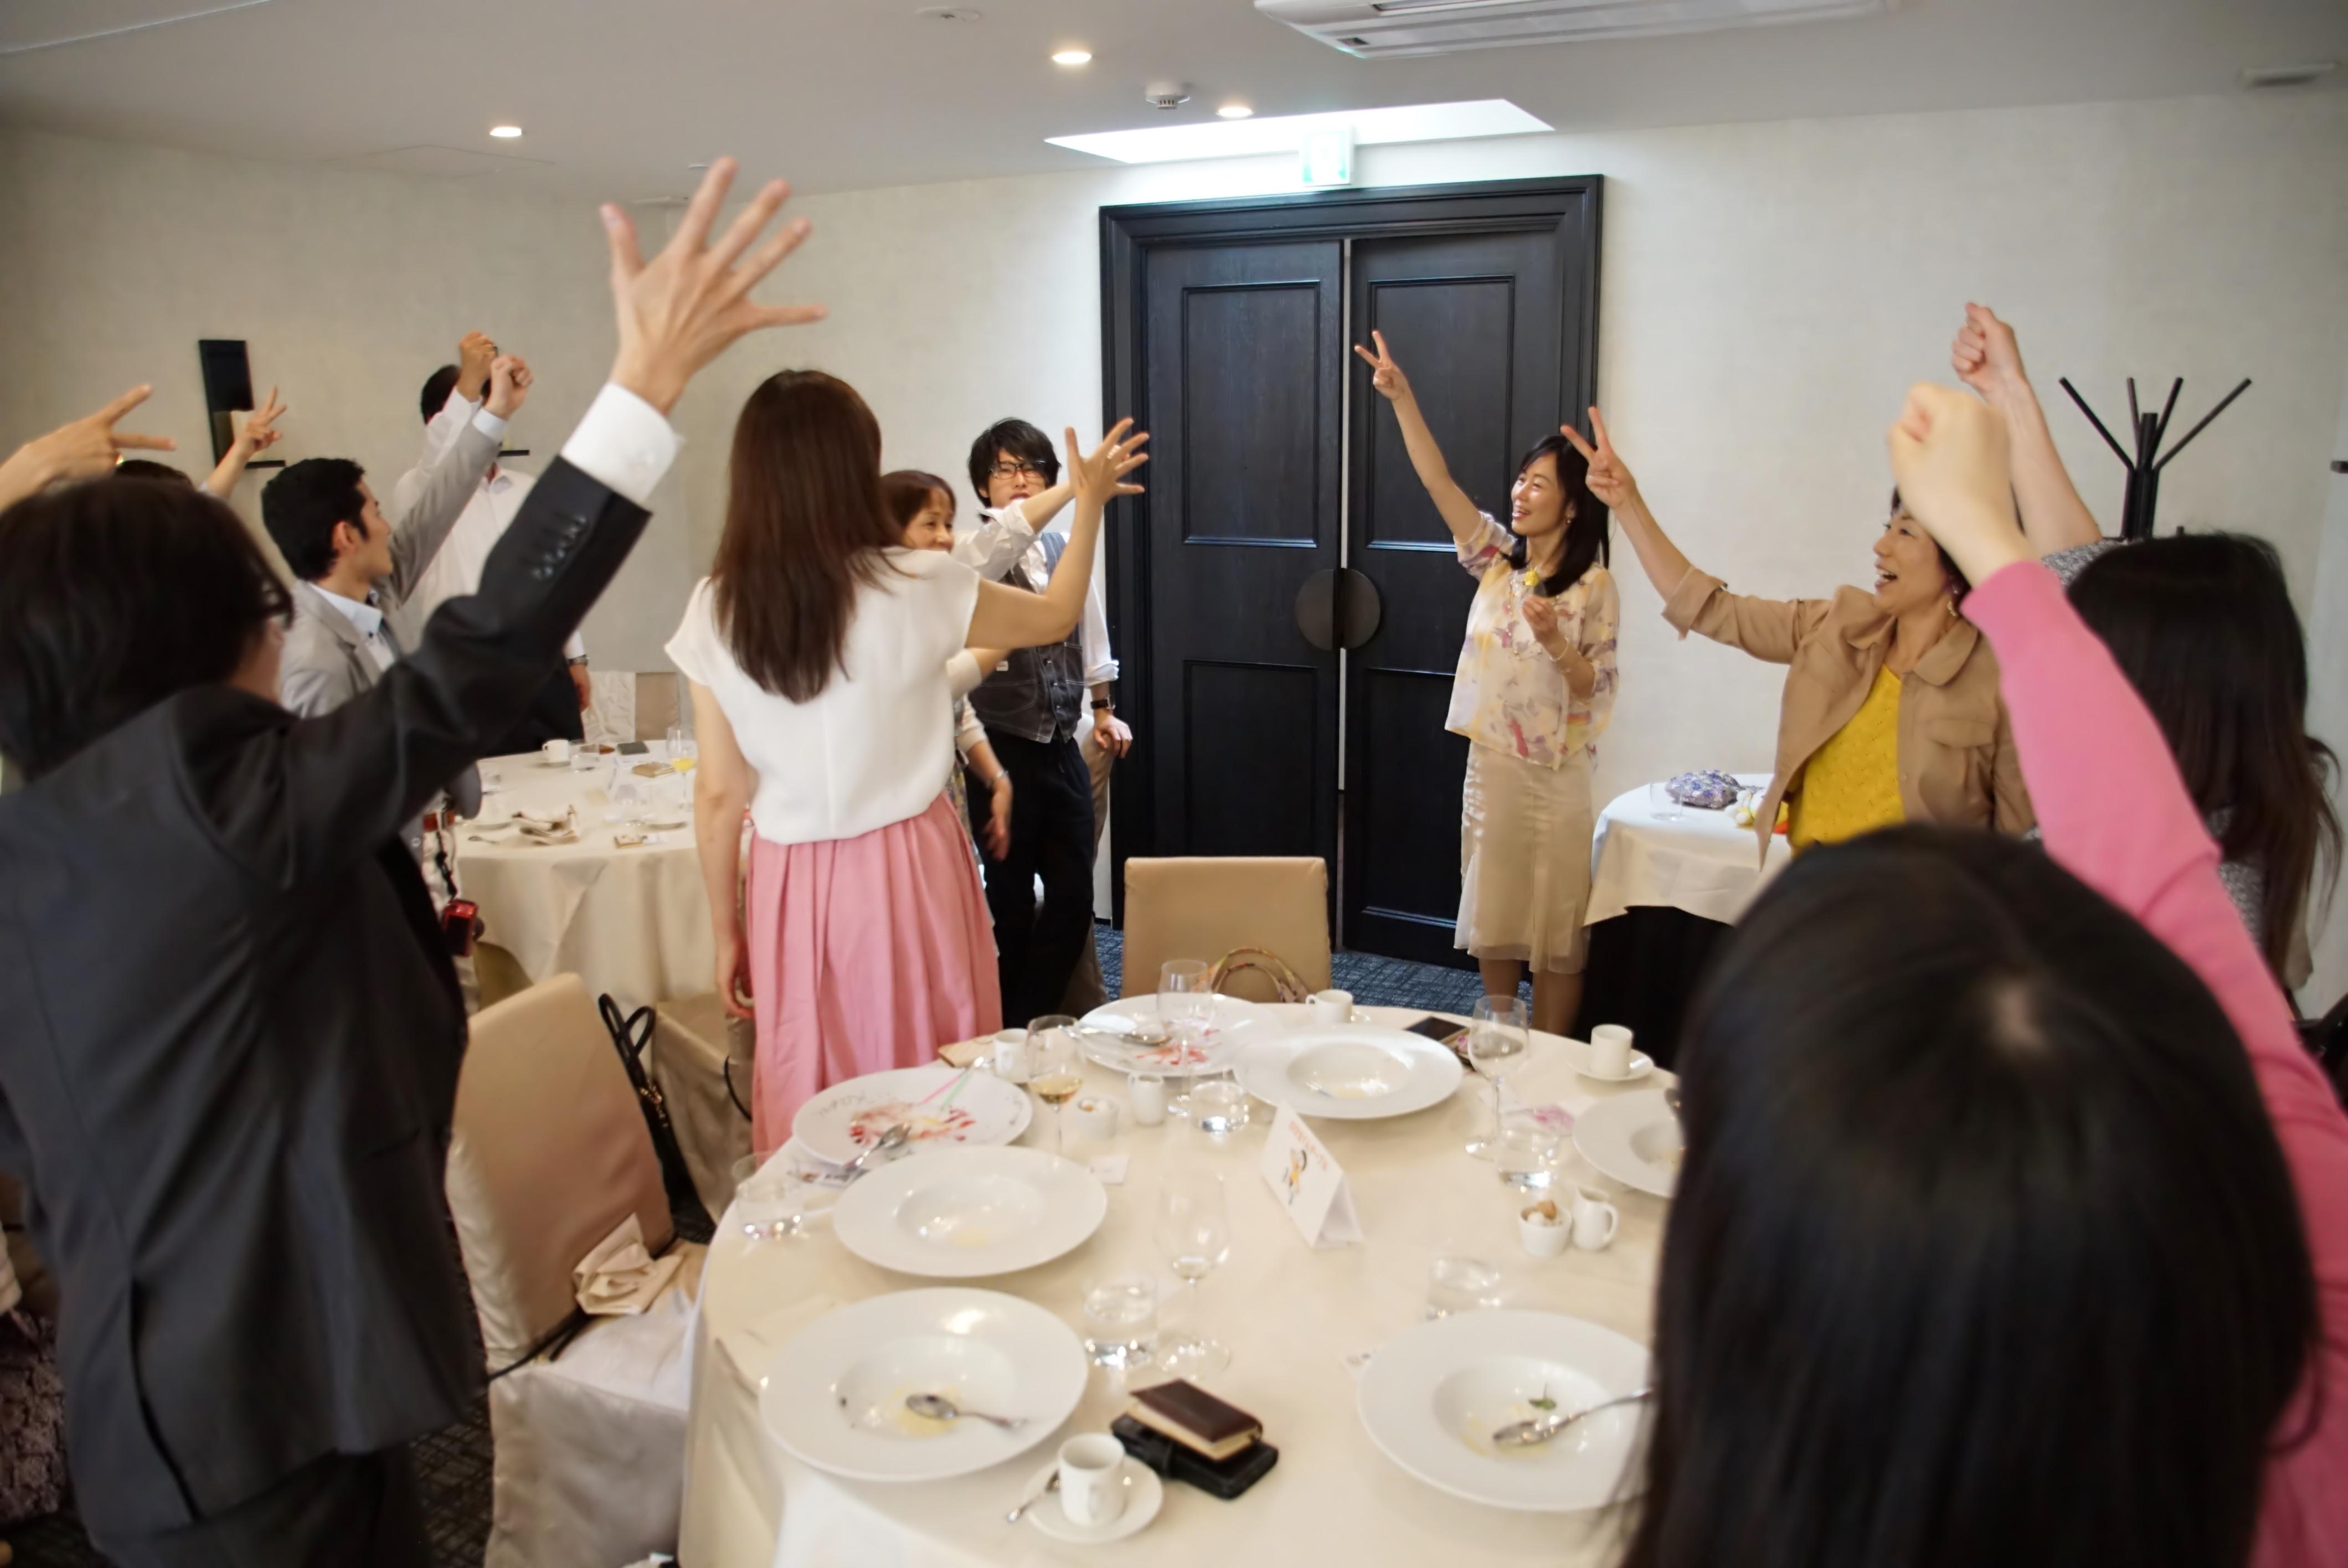 マツユカコ パワーシール コラボご縁会 ご宴会 森戸陽子